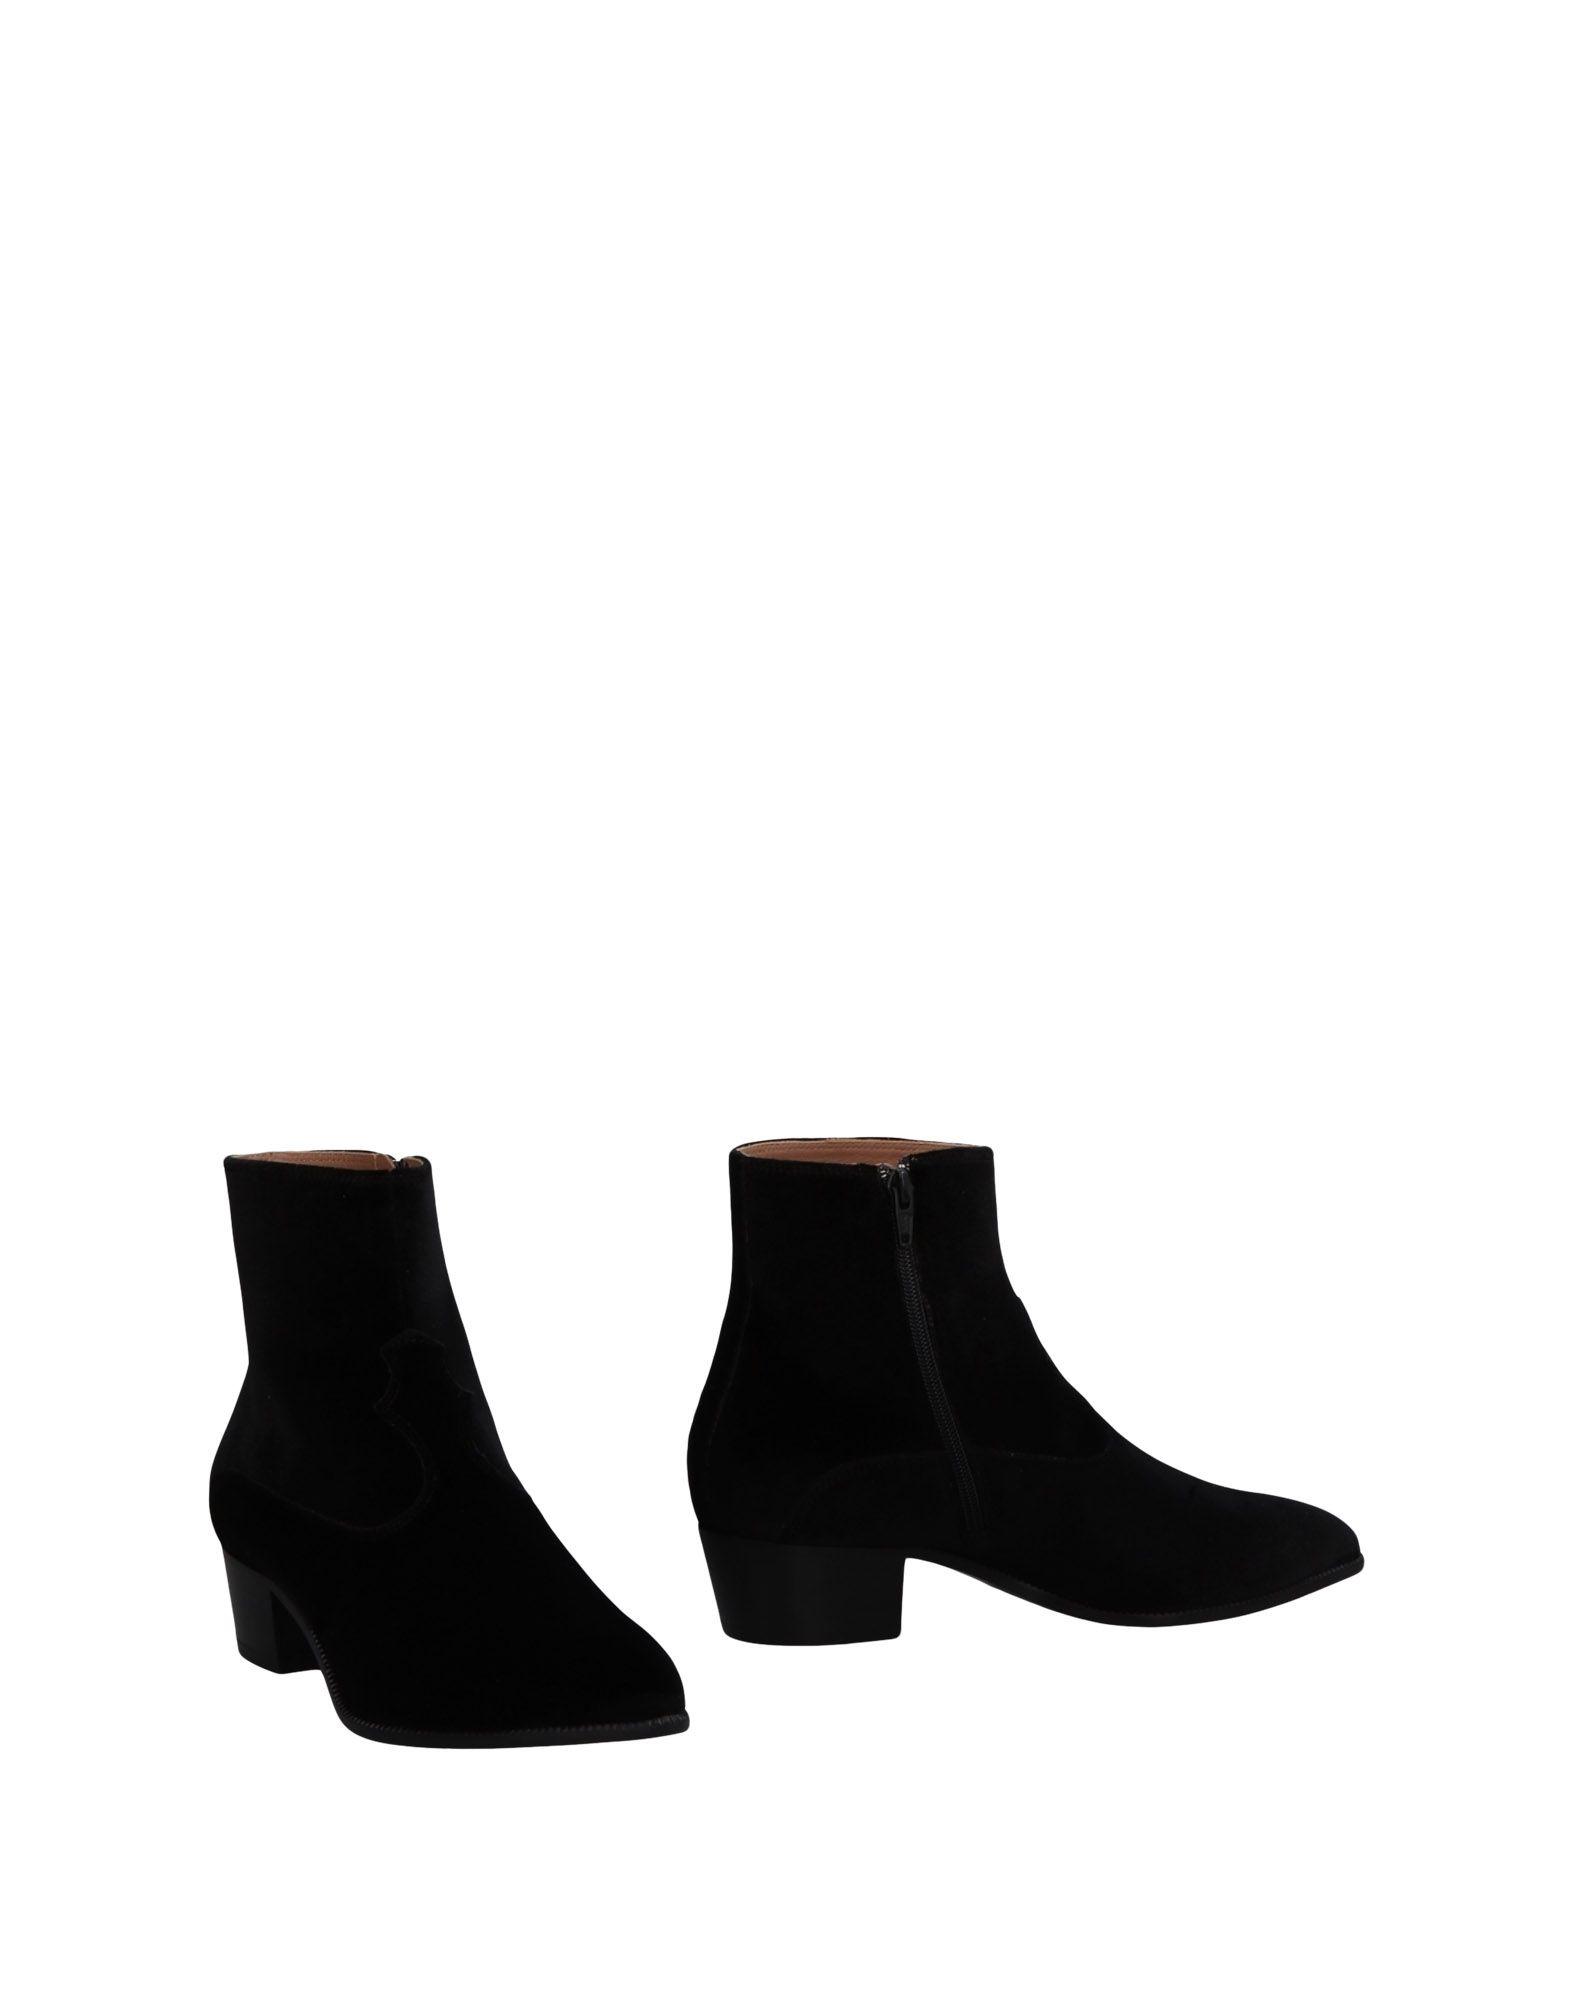 Stilvolle Chose billige Schuhe L' Autre Chose Stilvolle Stiefelette Damen  11488007XP a893b2